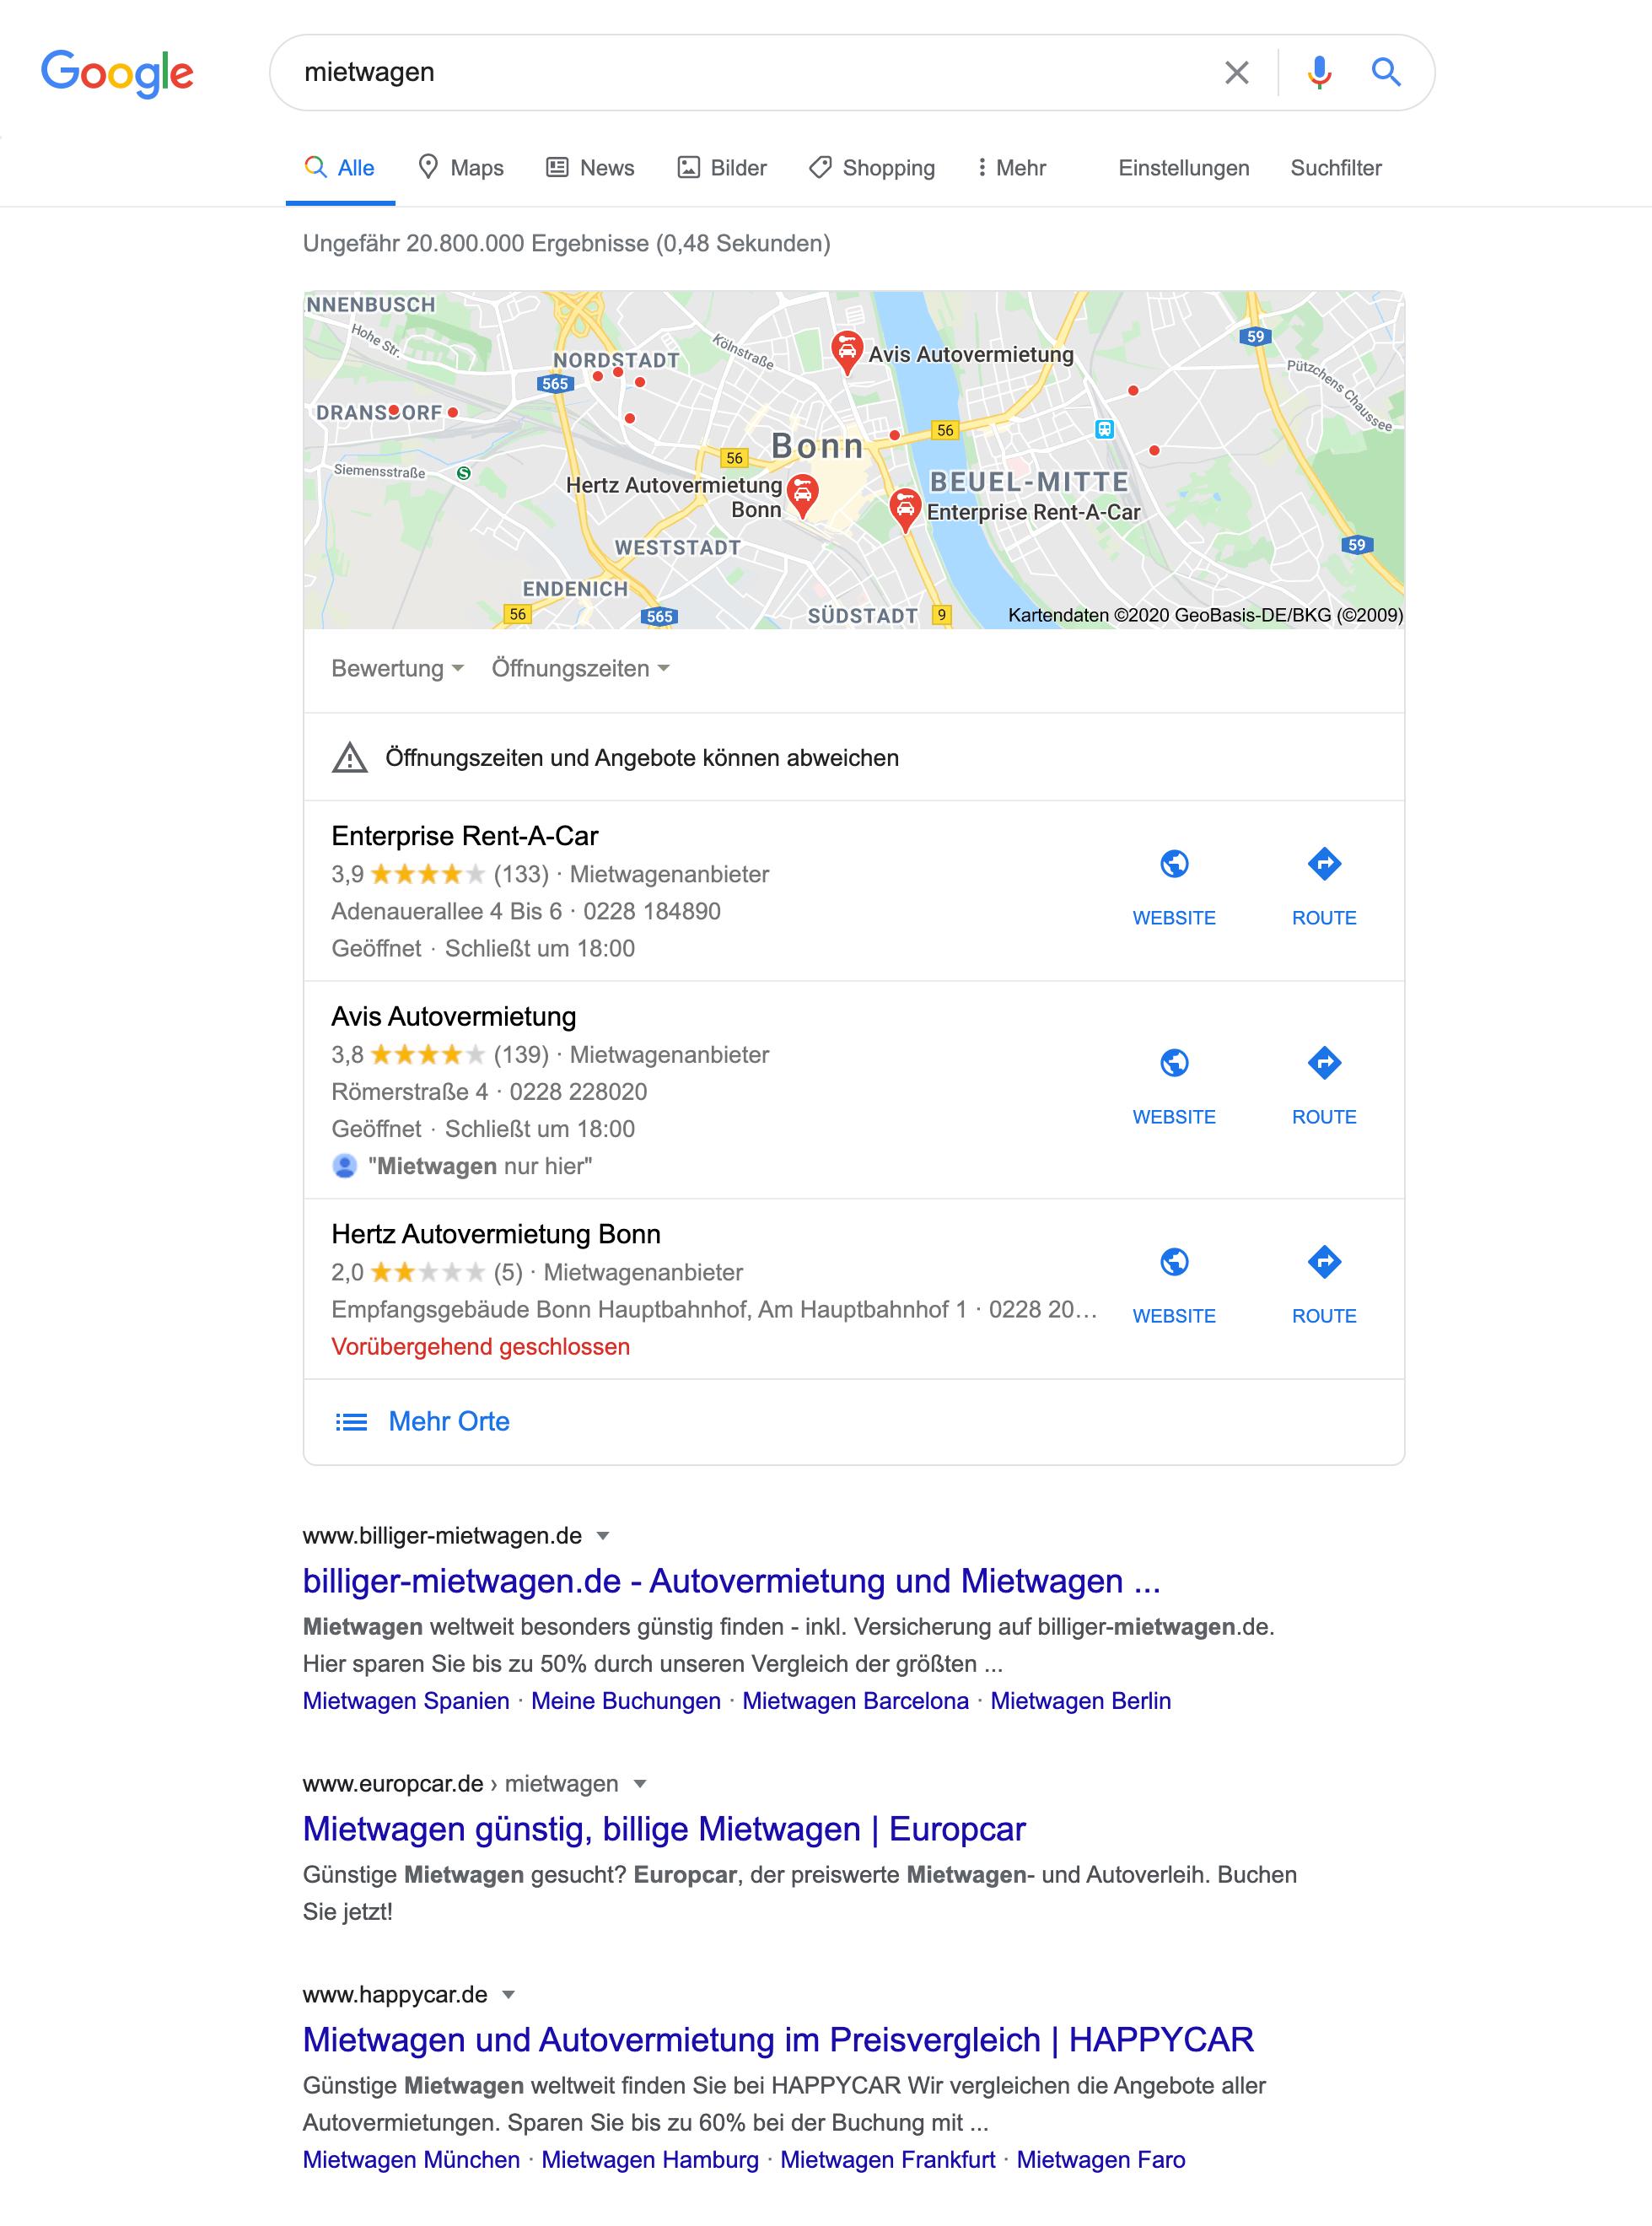 Zeigt die Google Maps Integration innerhalb der Google Suchergebnisse an.